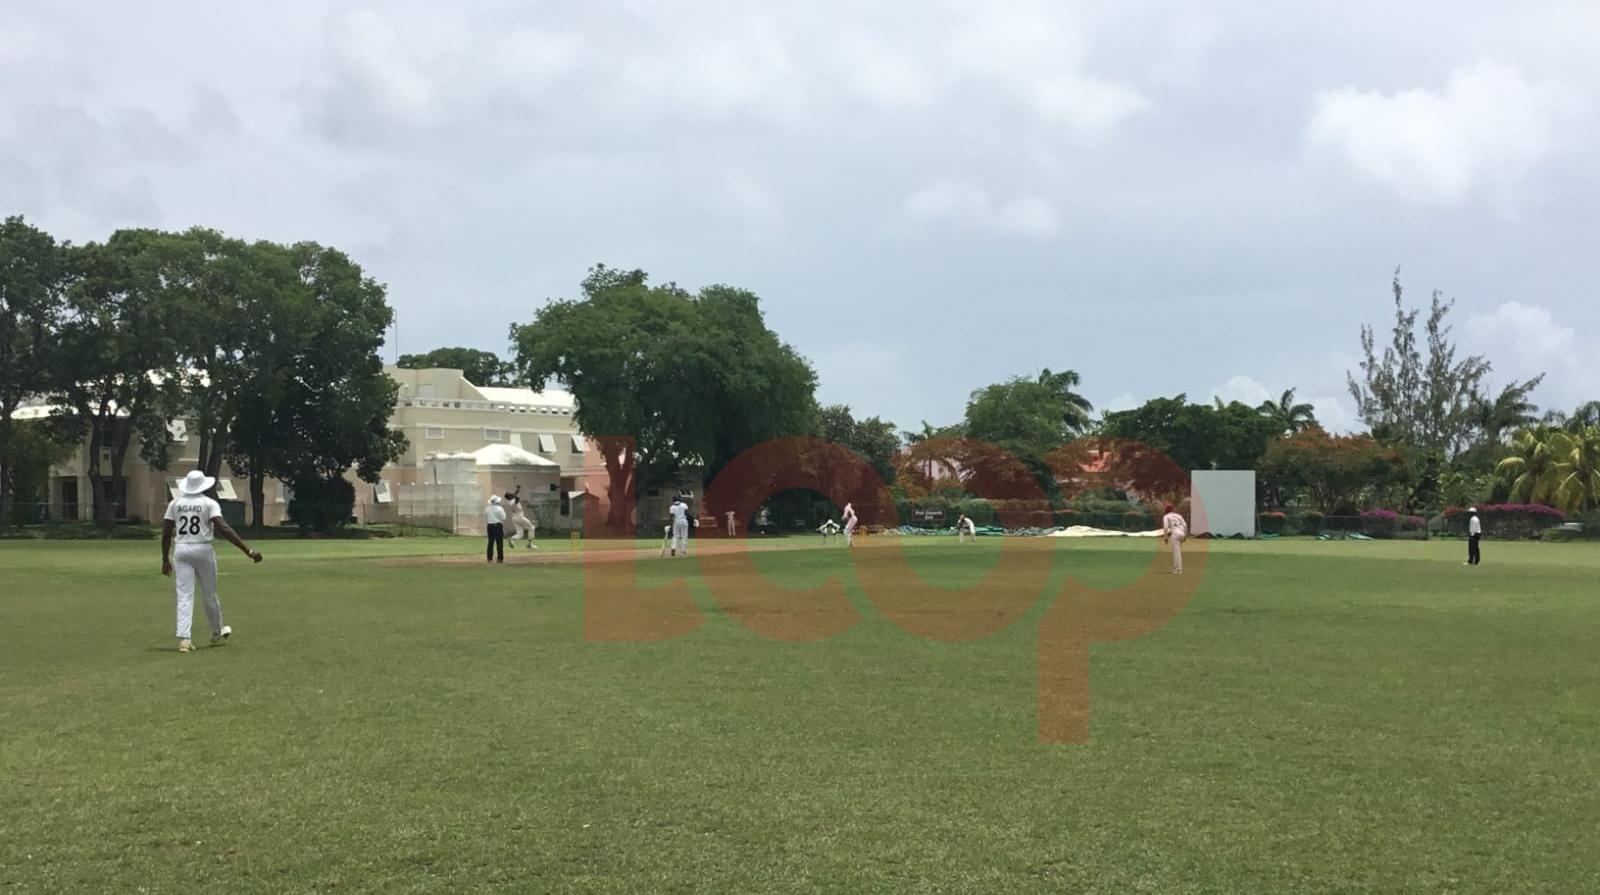 Wildey Sports Club